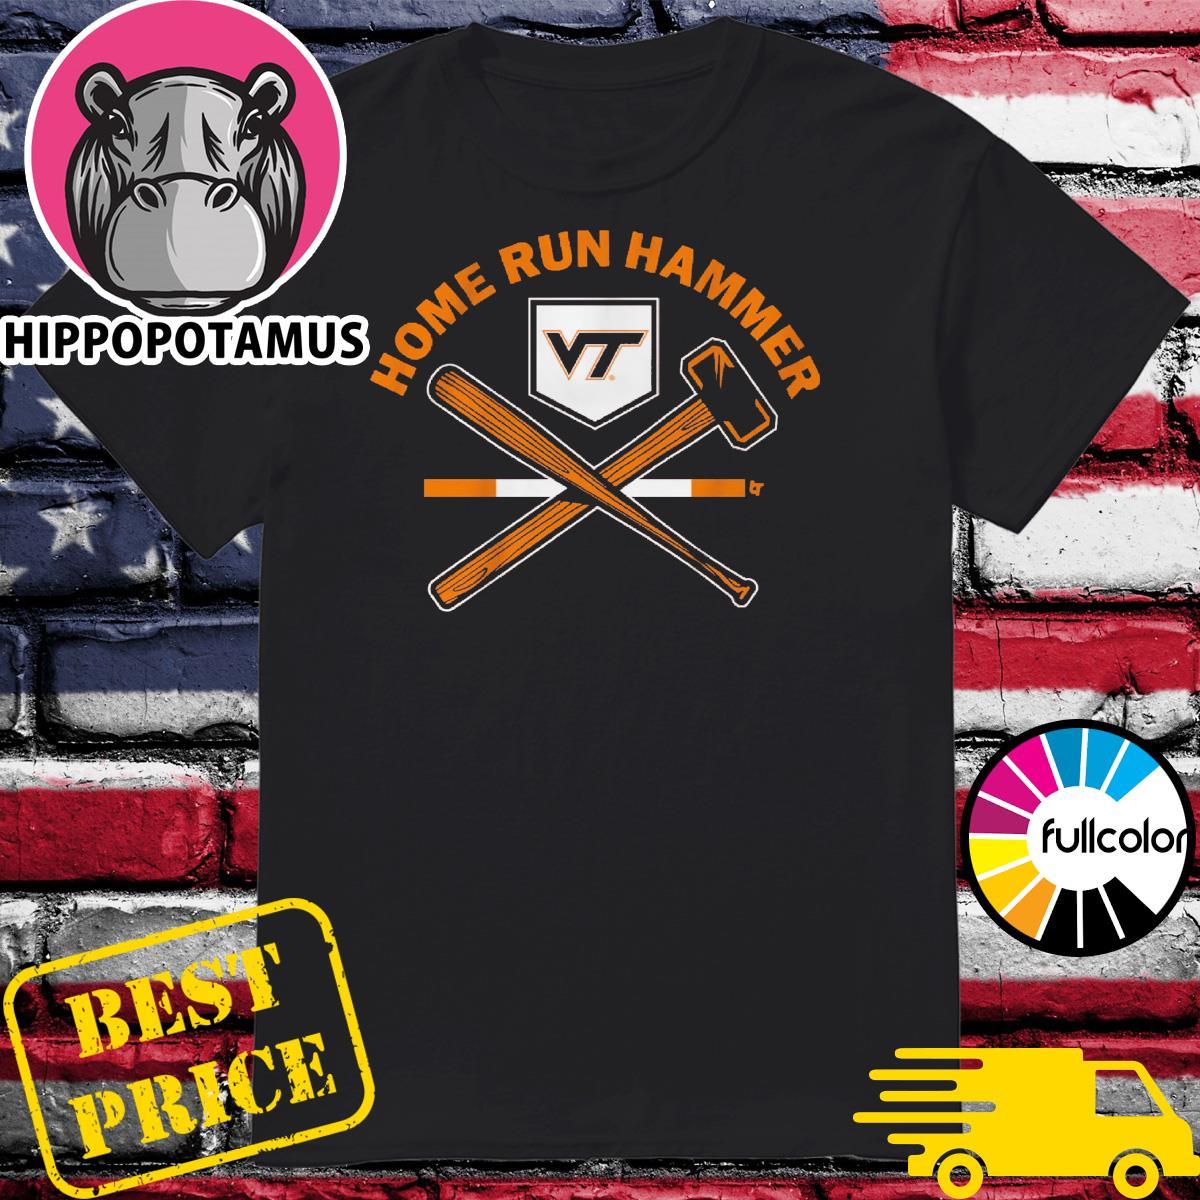 Virginia Tech Baseball Home run hammer shirt